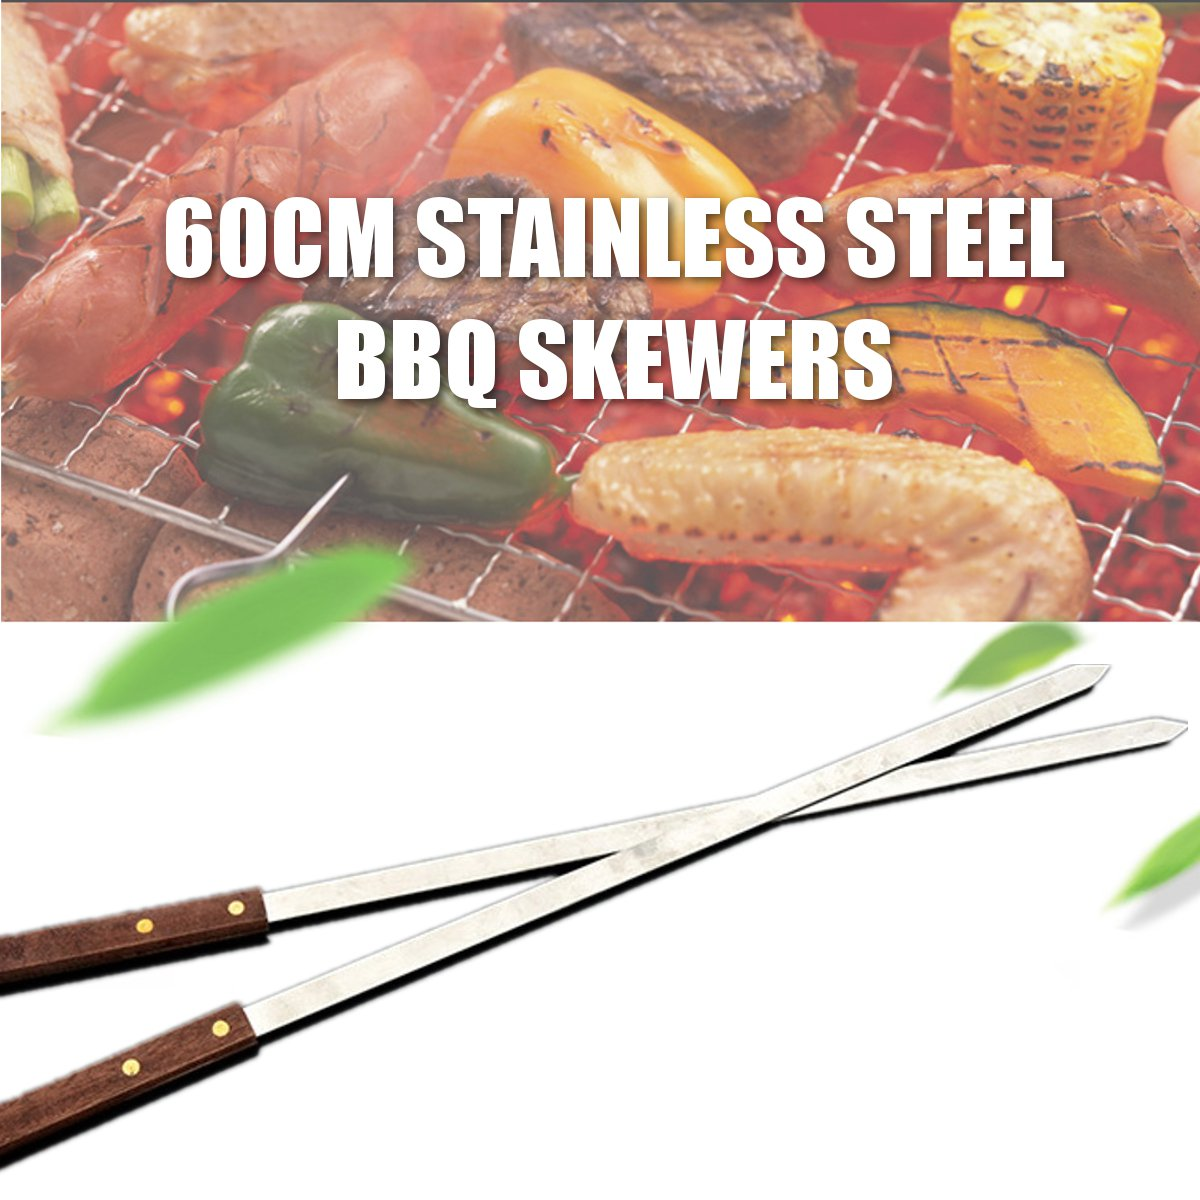 Fil d'acier inoxydable BBQ brochettes Kabob large gril manche en bois grille rôtissoire bâtons Barbecue extérieur outils 600x23x2mm 1 pièces